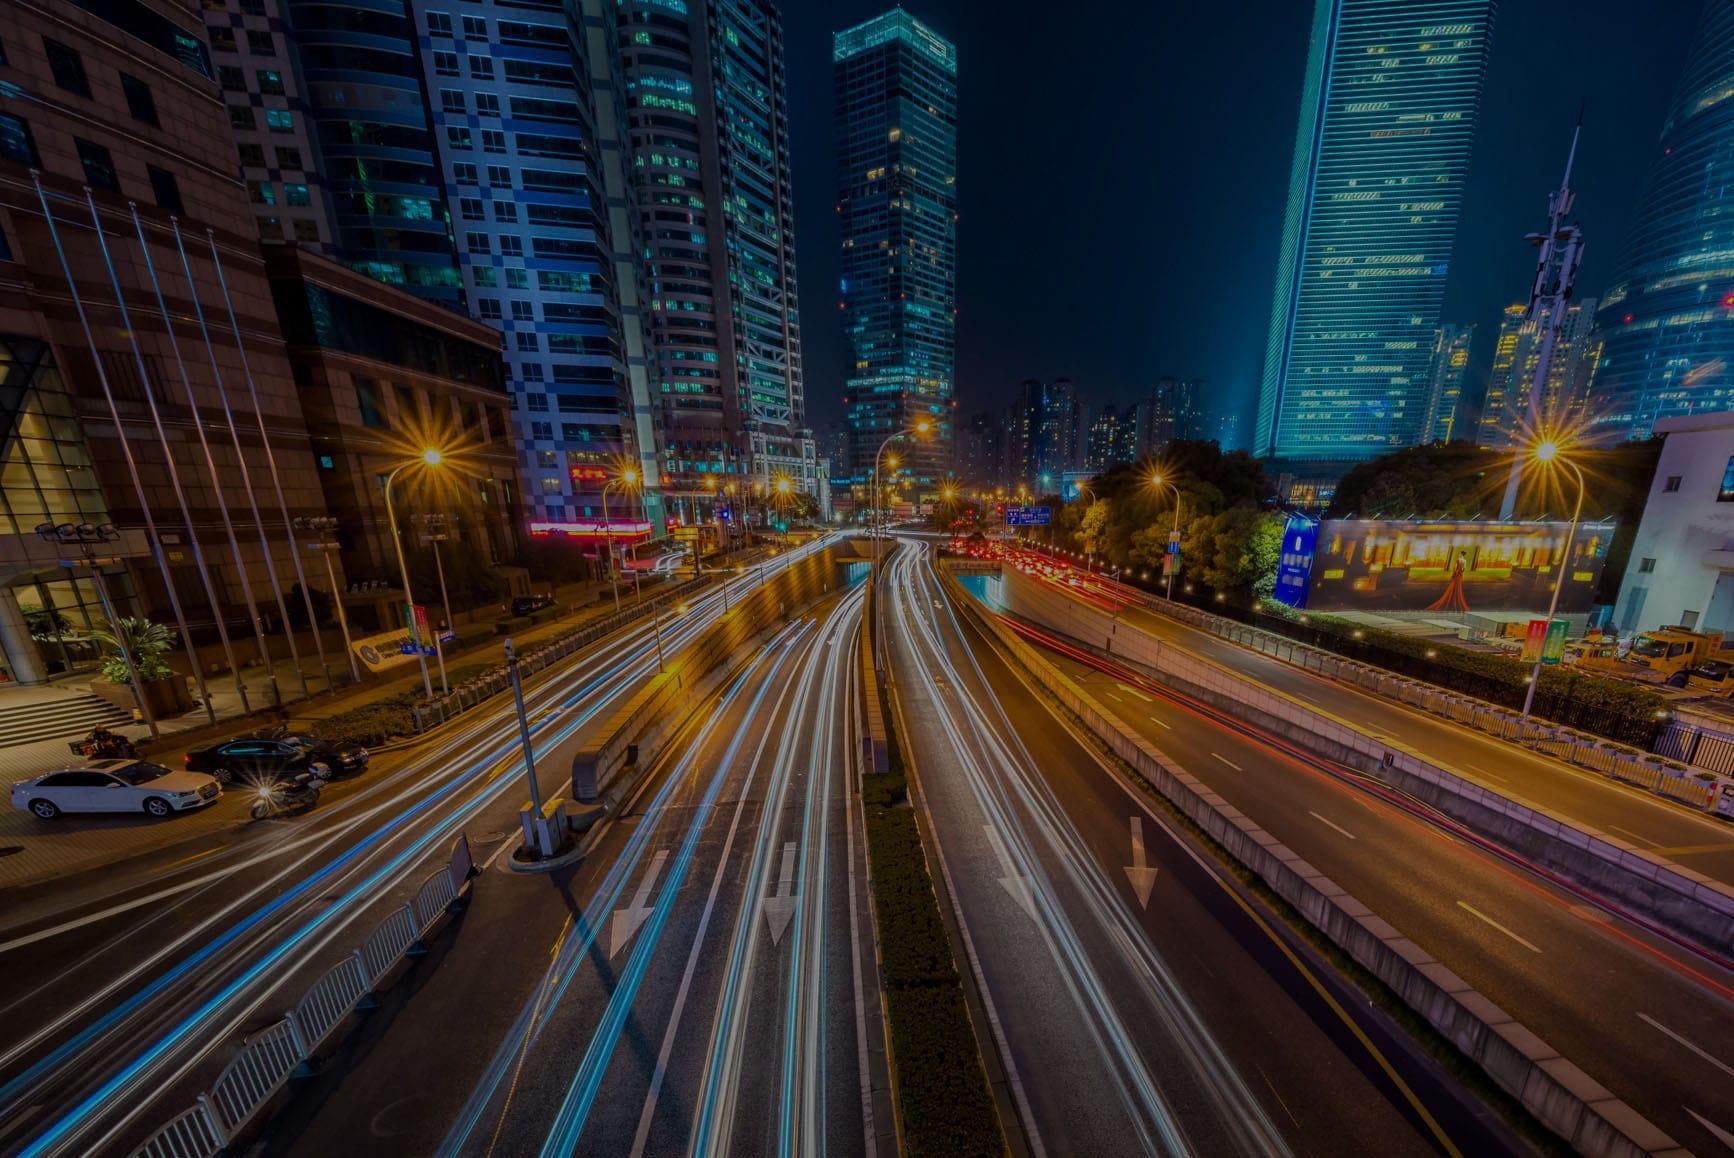 streets-min